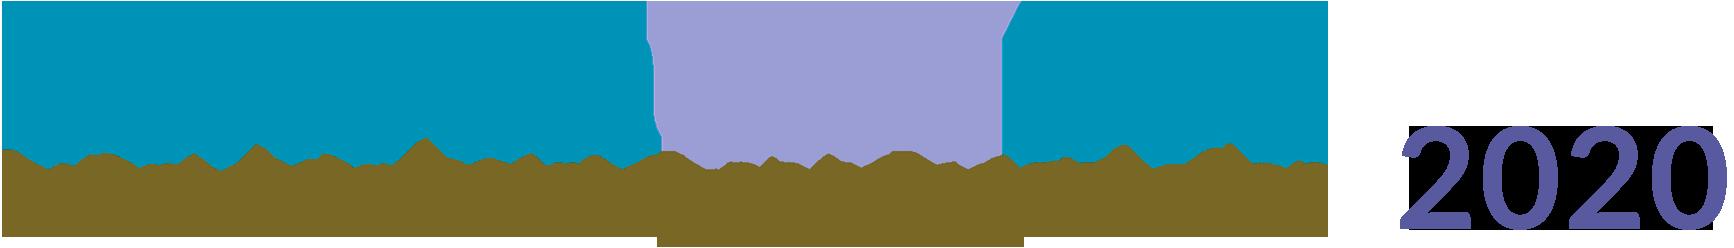 schoenundneu-Logo